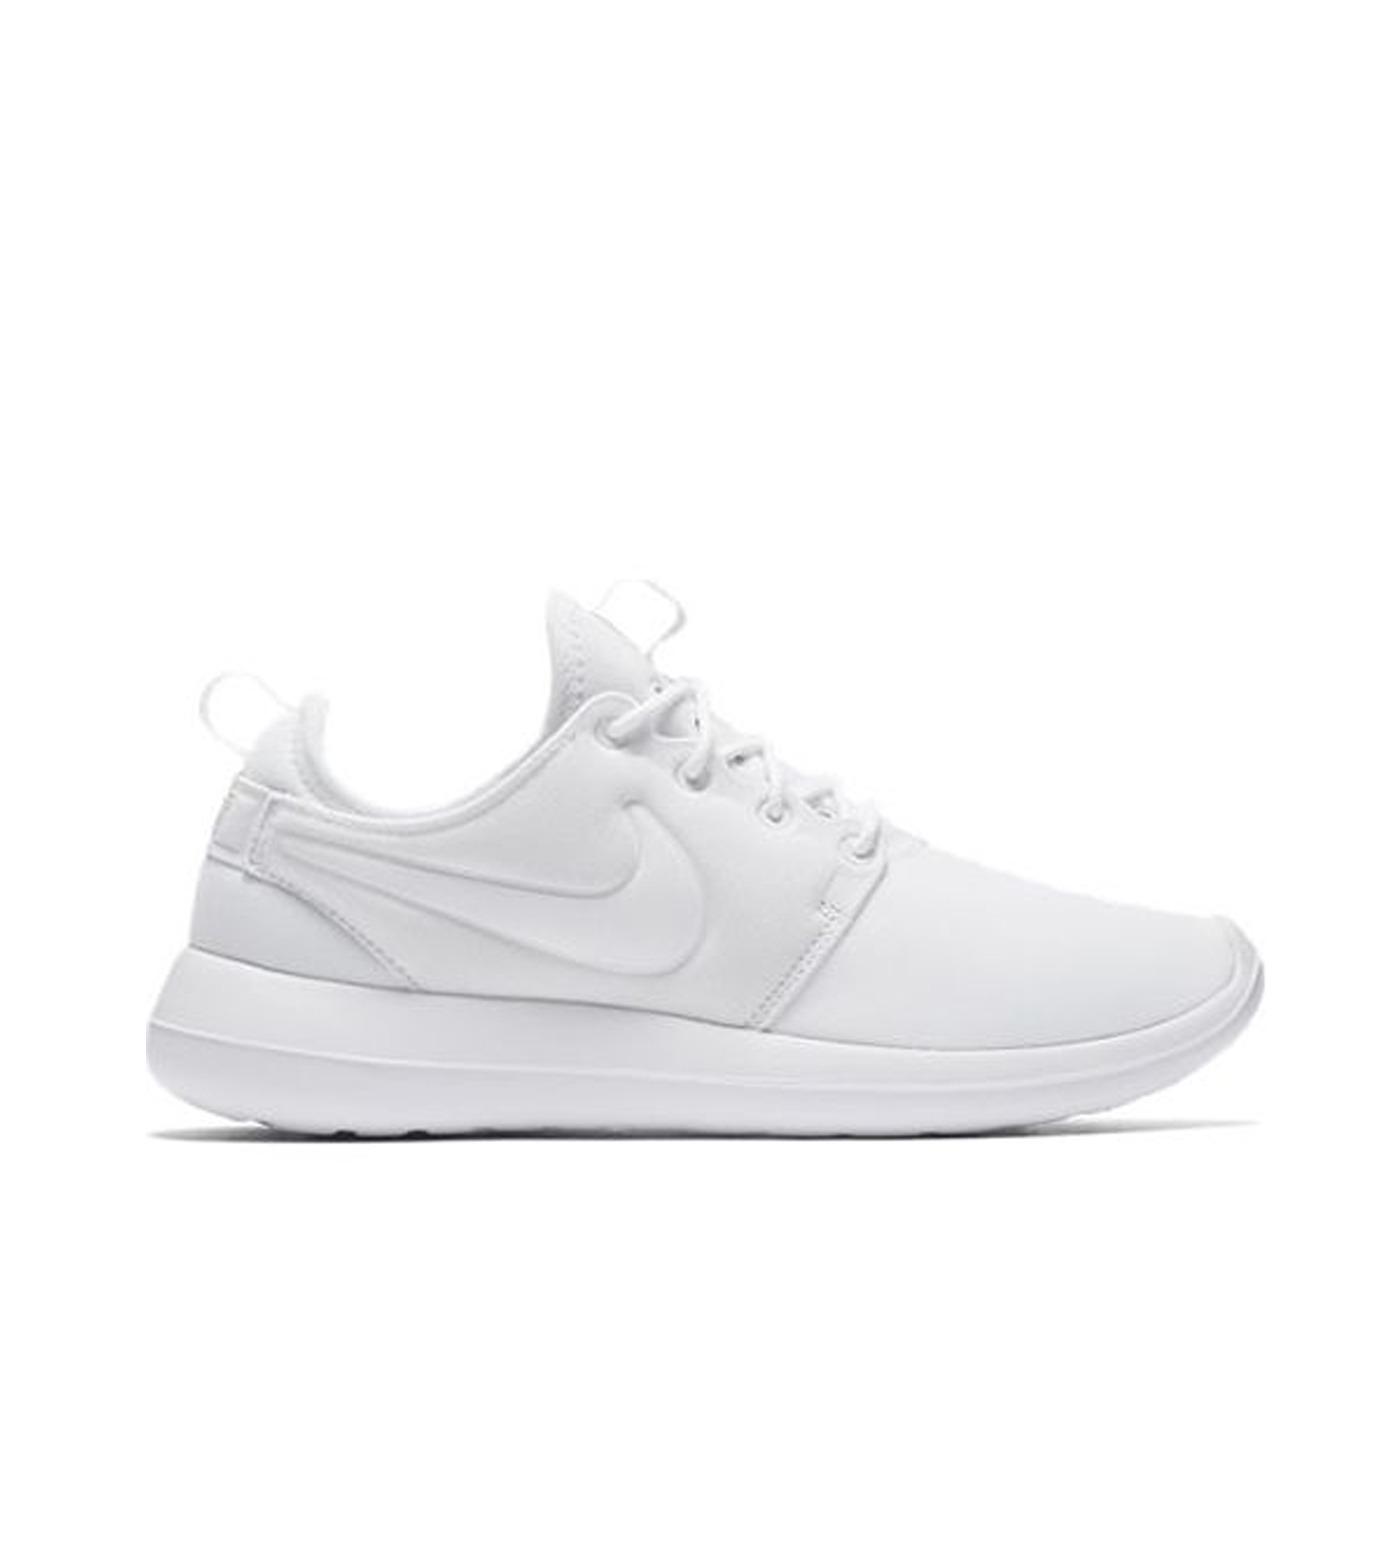 NIKE(ナイキ)のWMNS ROSHE 2-WHITE(シューズ/shoes)-844931-100-4 拡大詳細画像1